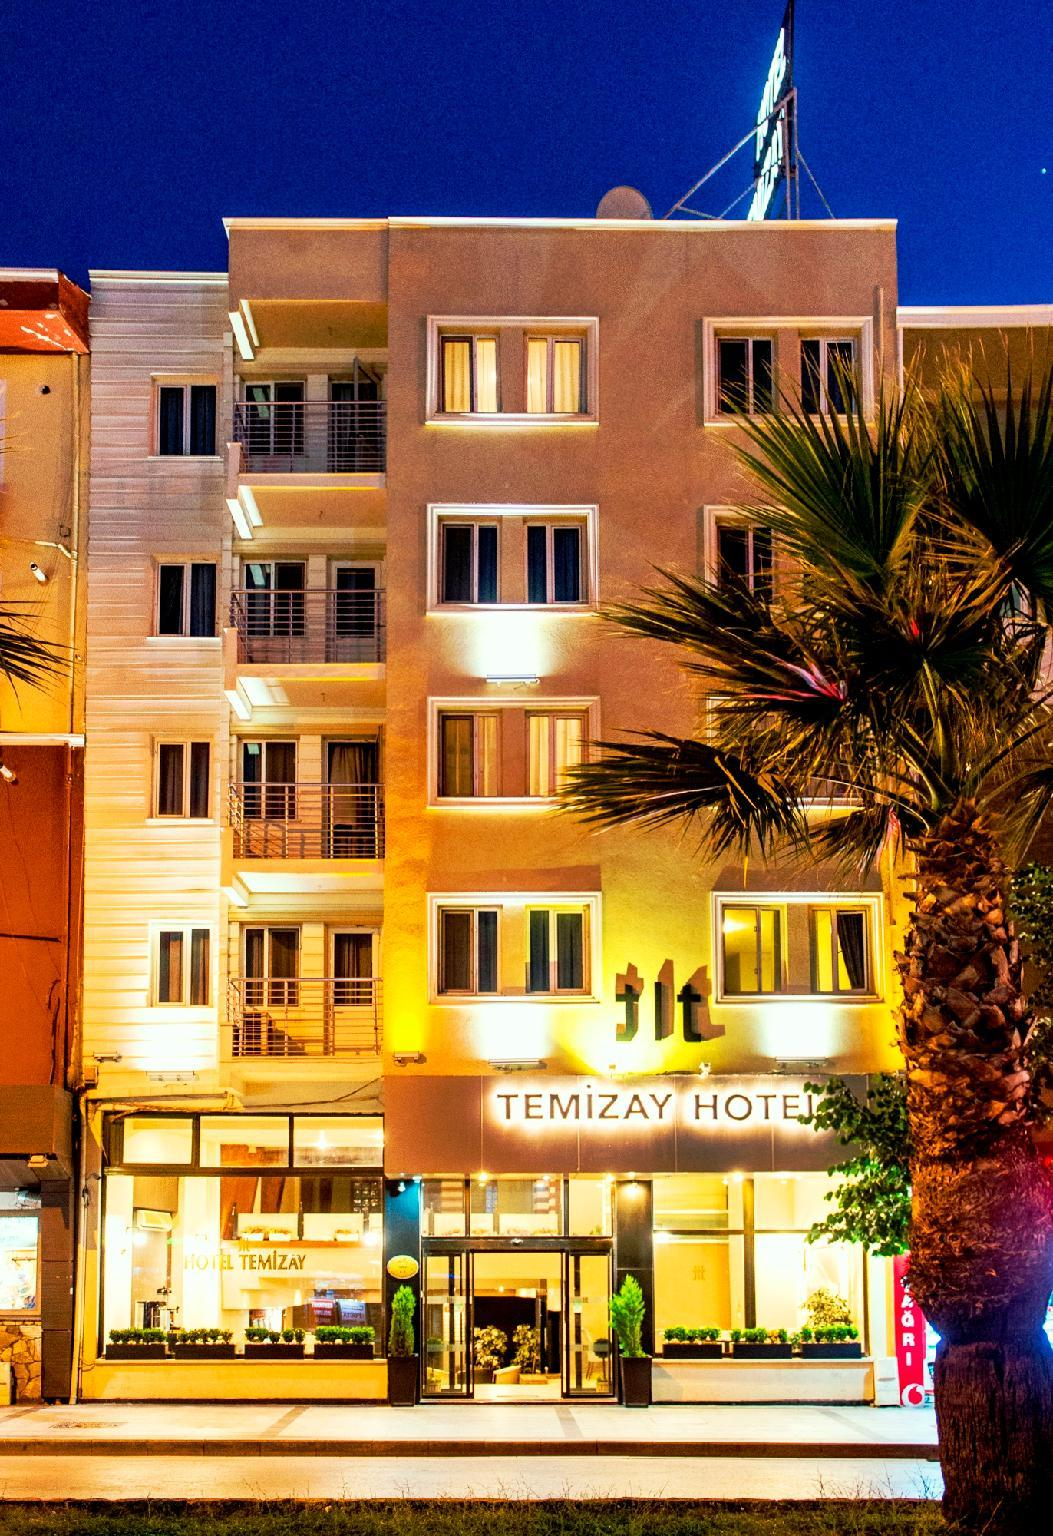 TEMIZAY HOTEL